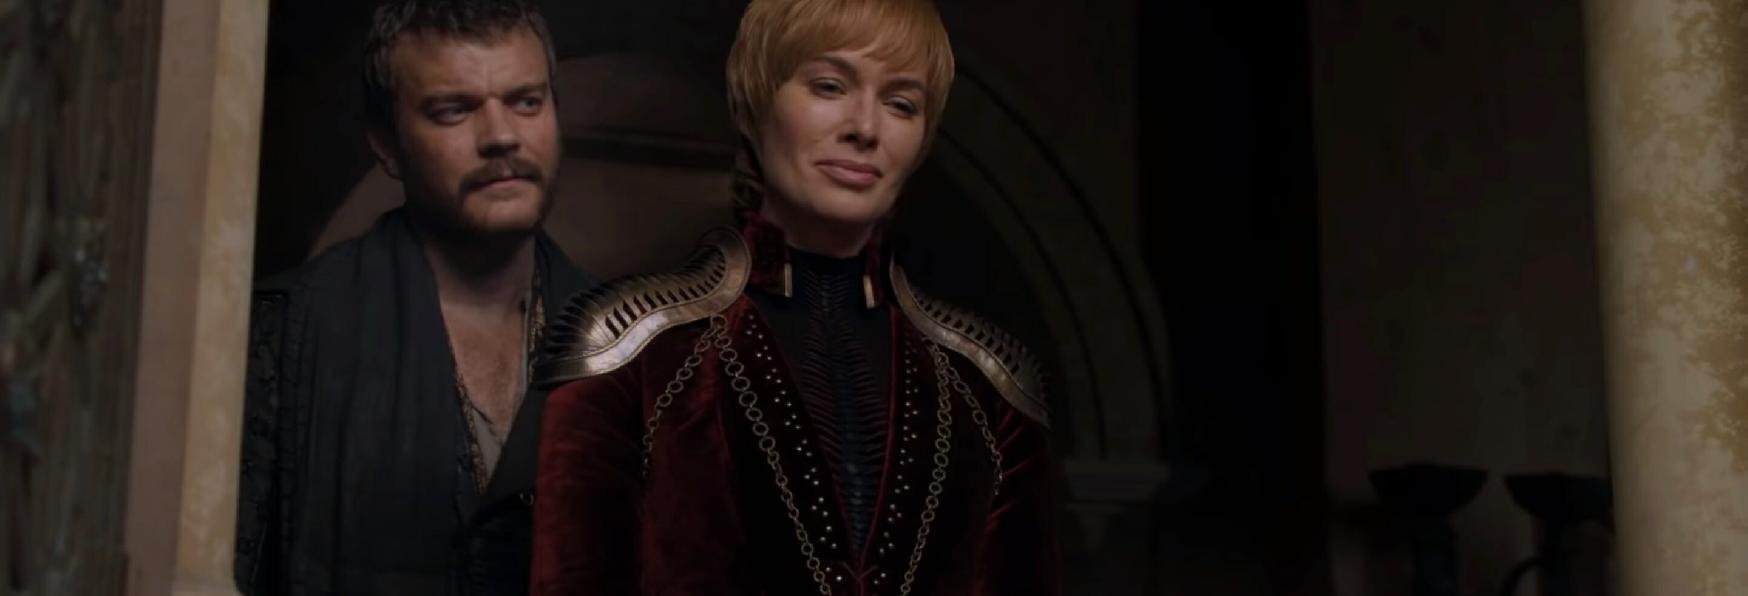 Game of Thrones: il Teaser Trailer dell'Episodio 8x04, in onda il Prossimo Lunedì